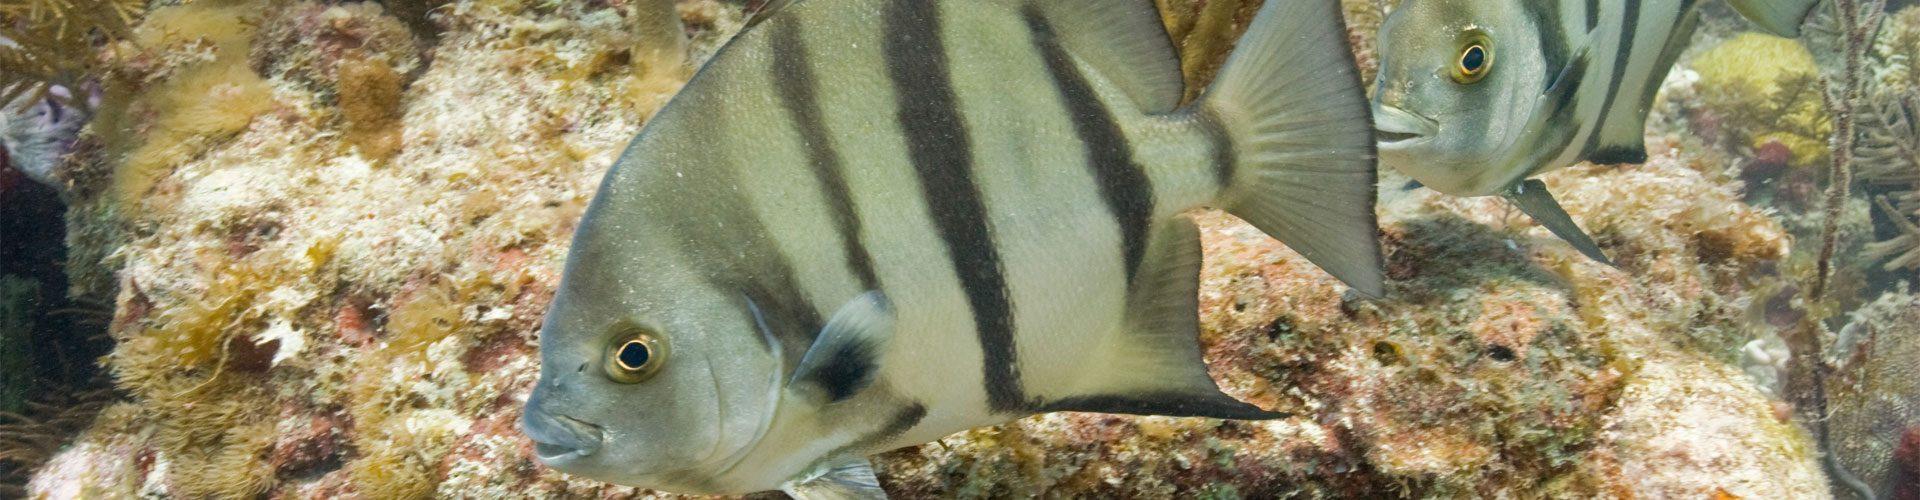 Atlantischer Spatenfisch, Biscayne National Park, Florida